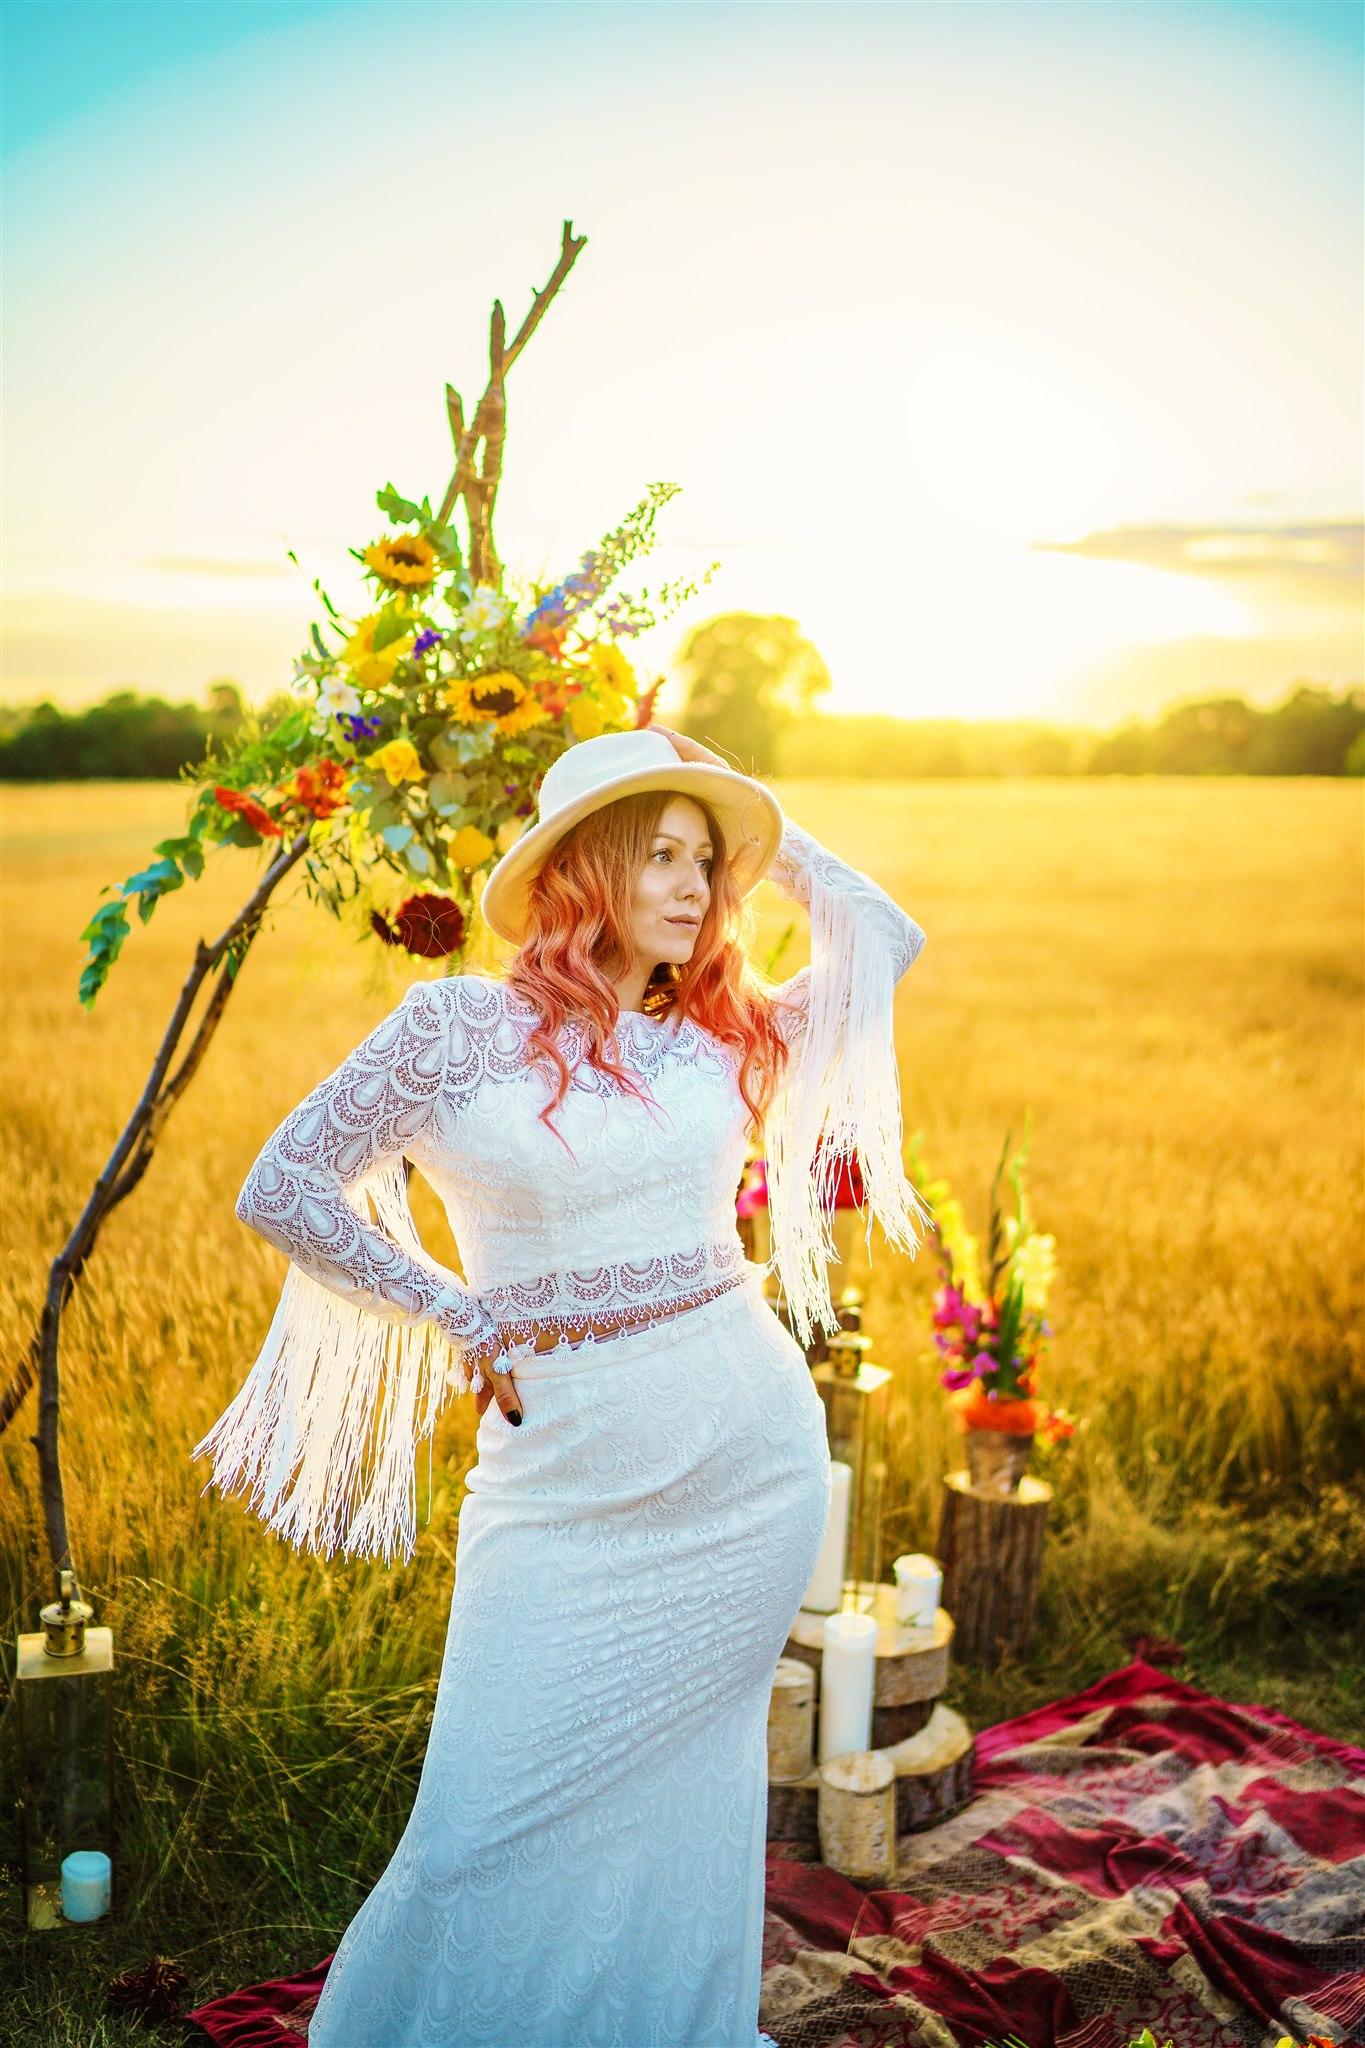 alternative bridal wear - tassel wedding dress - colourful bohemian wedding - 70s wedding - campervan wedding - hippie wedding